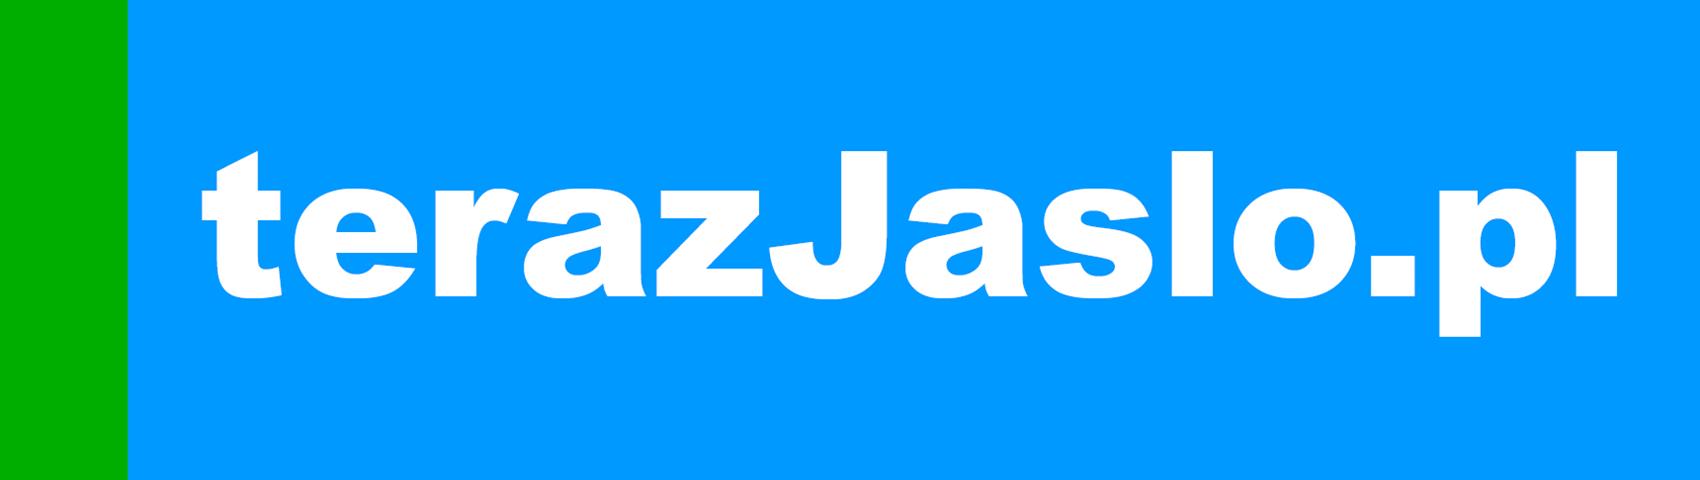 terazJaslo.pl